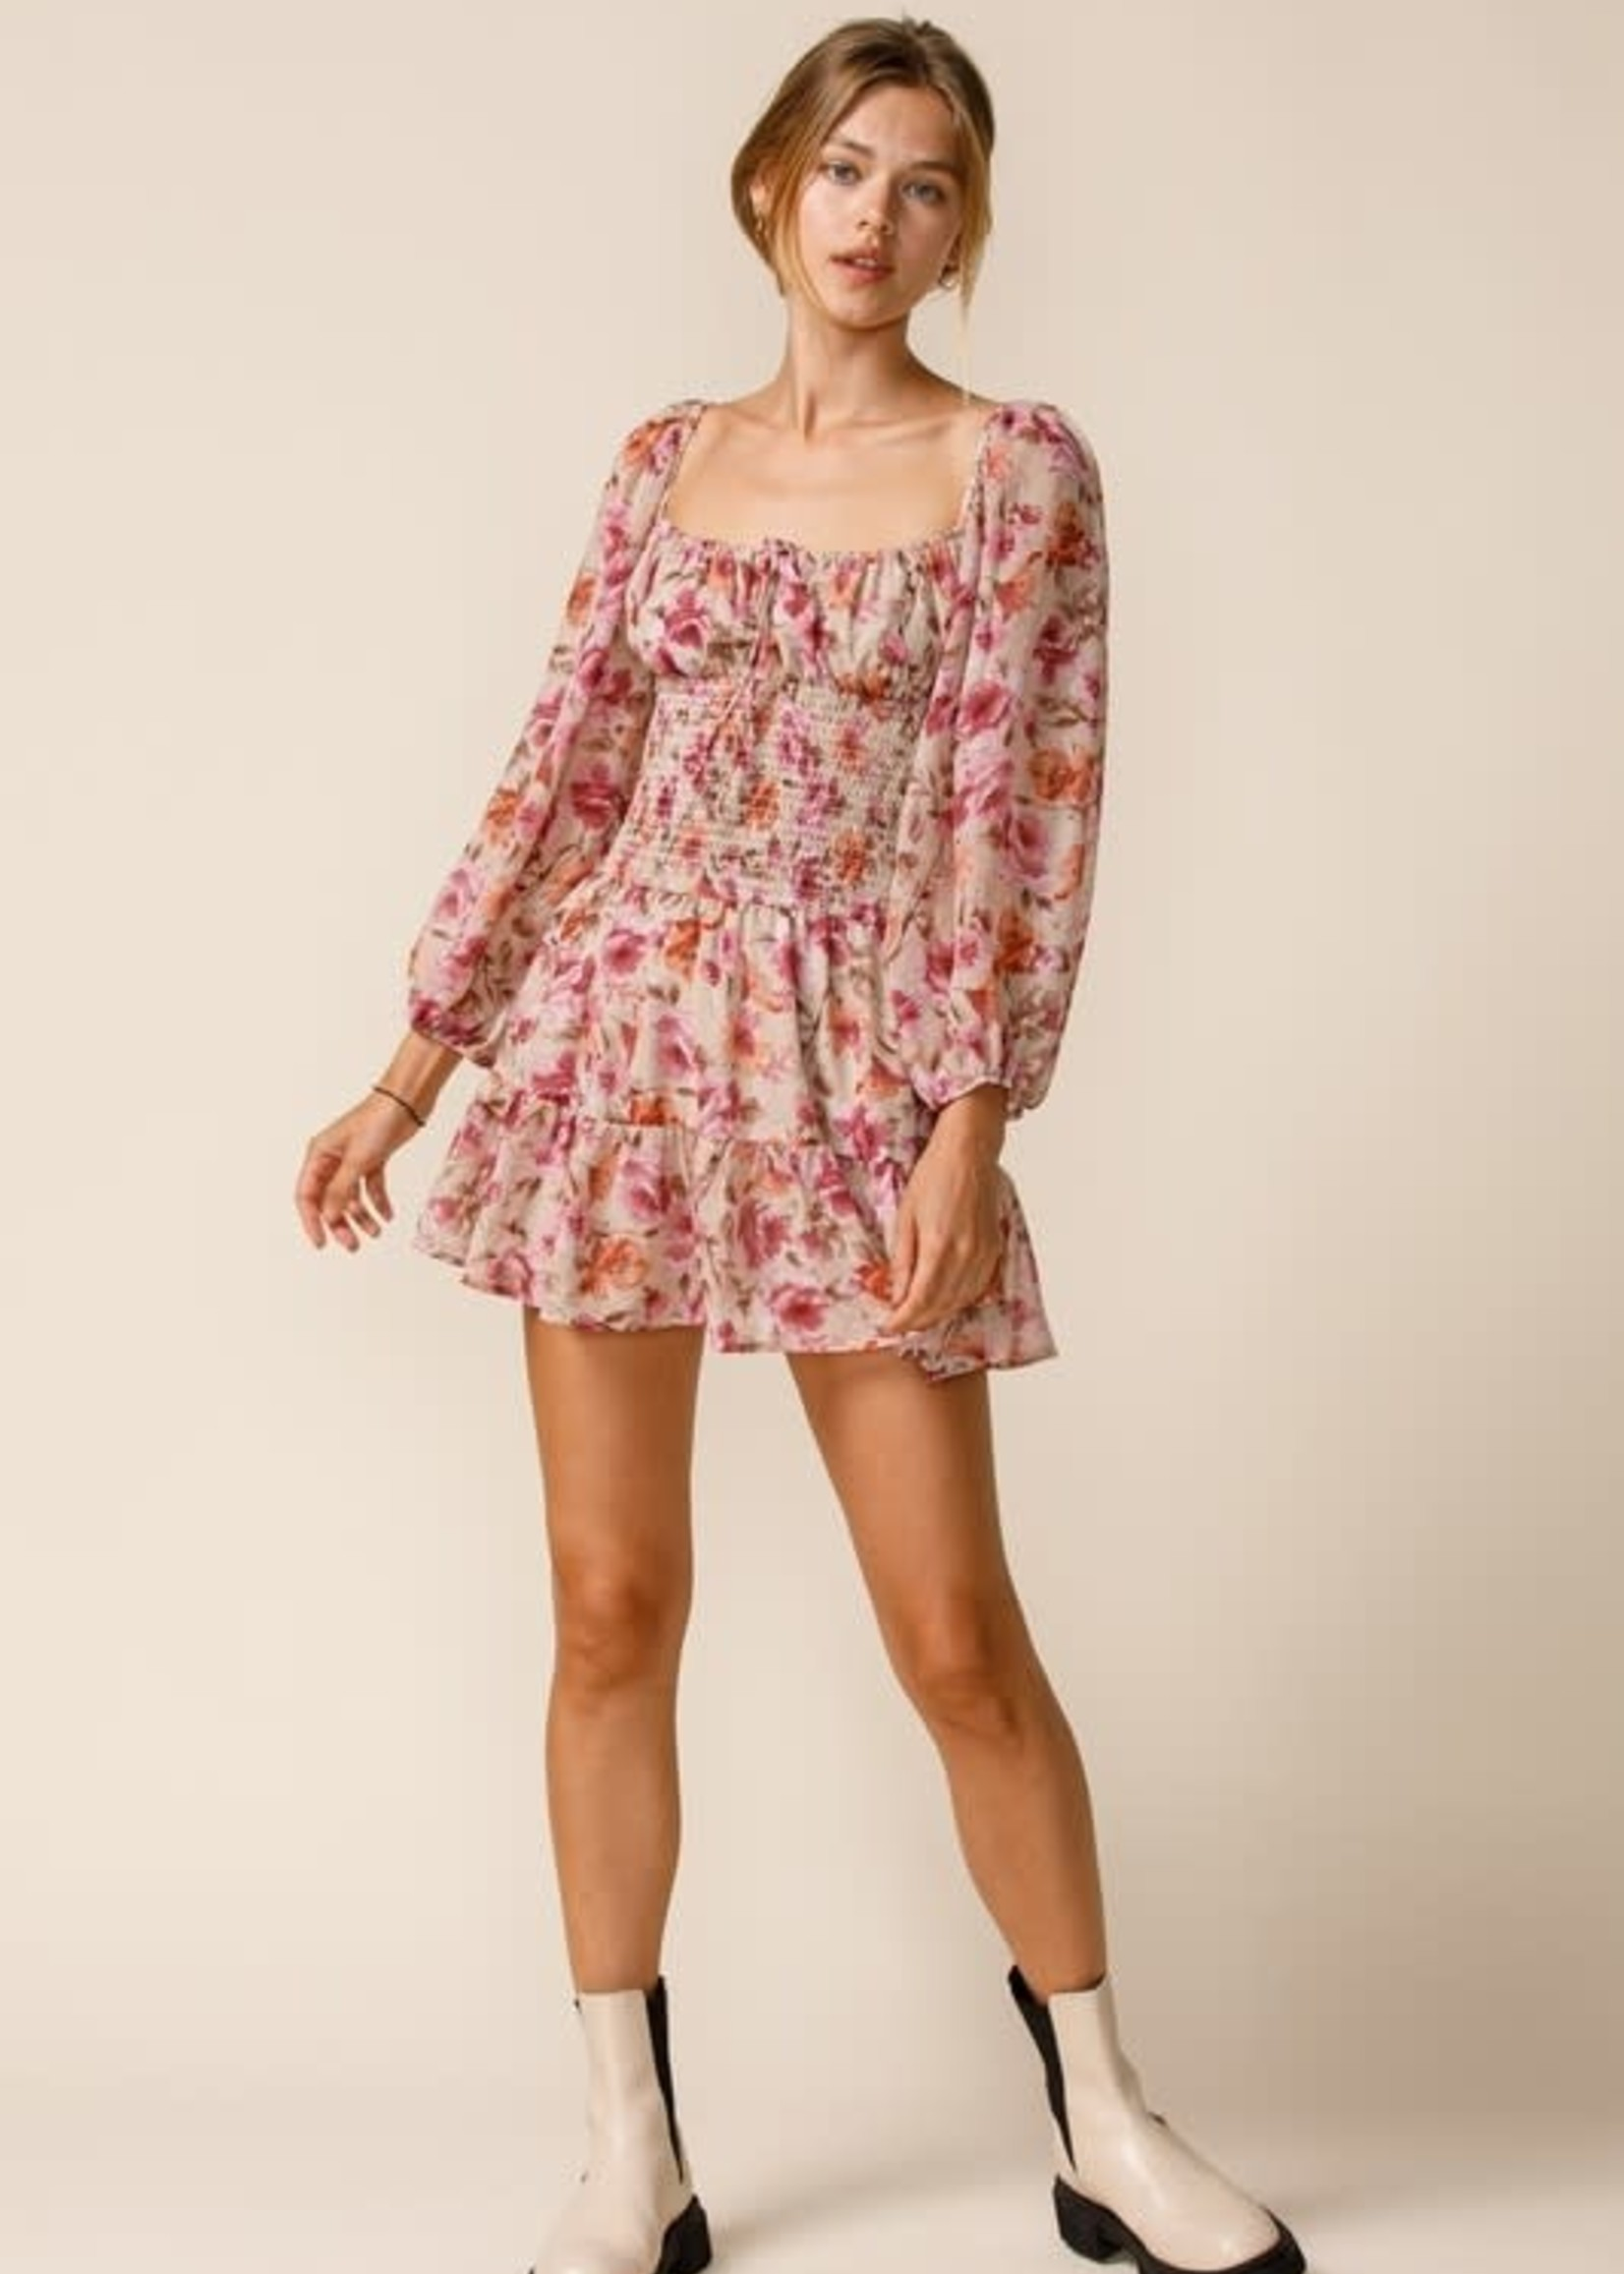 Falls Best Floral Ruffle Dress